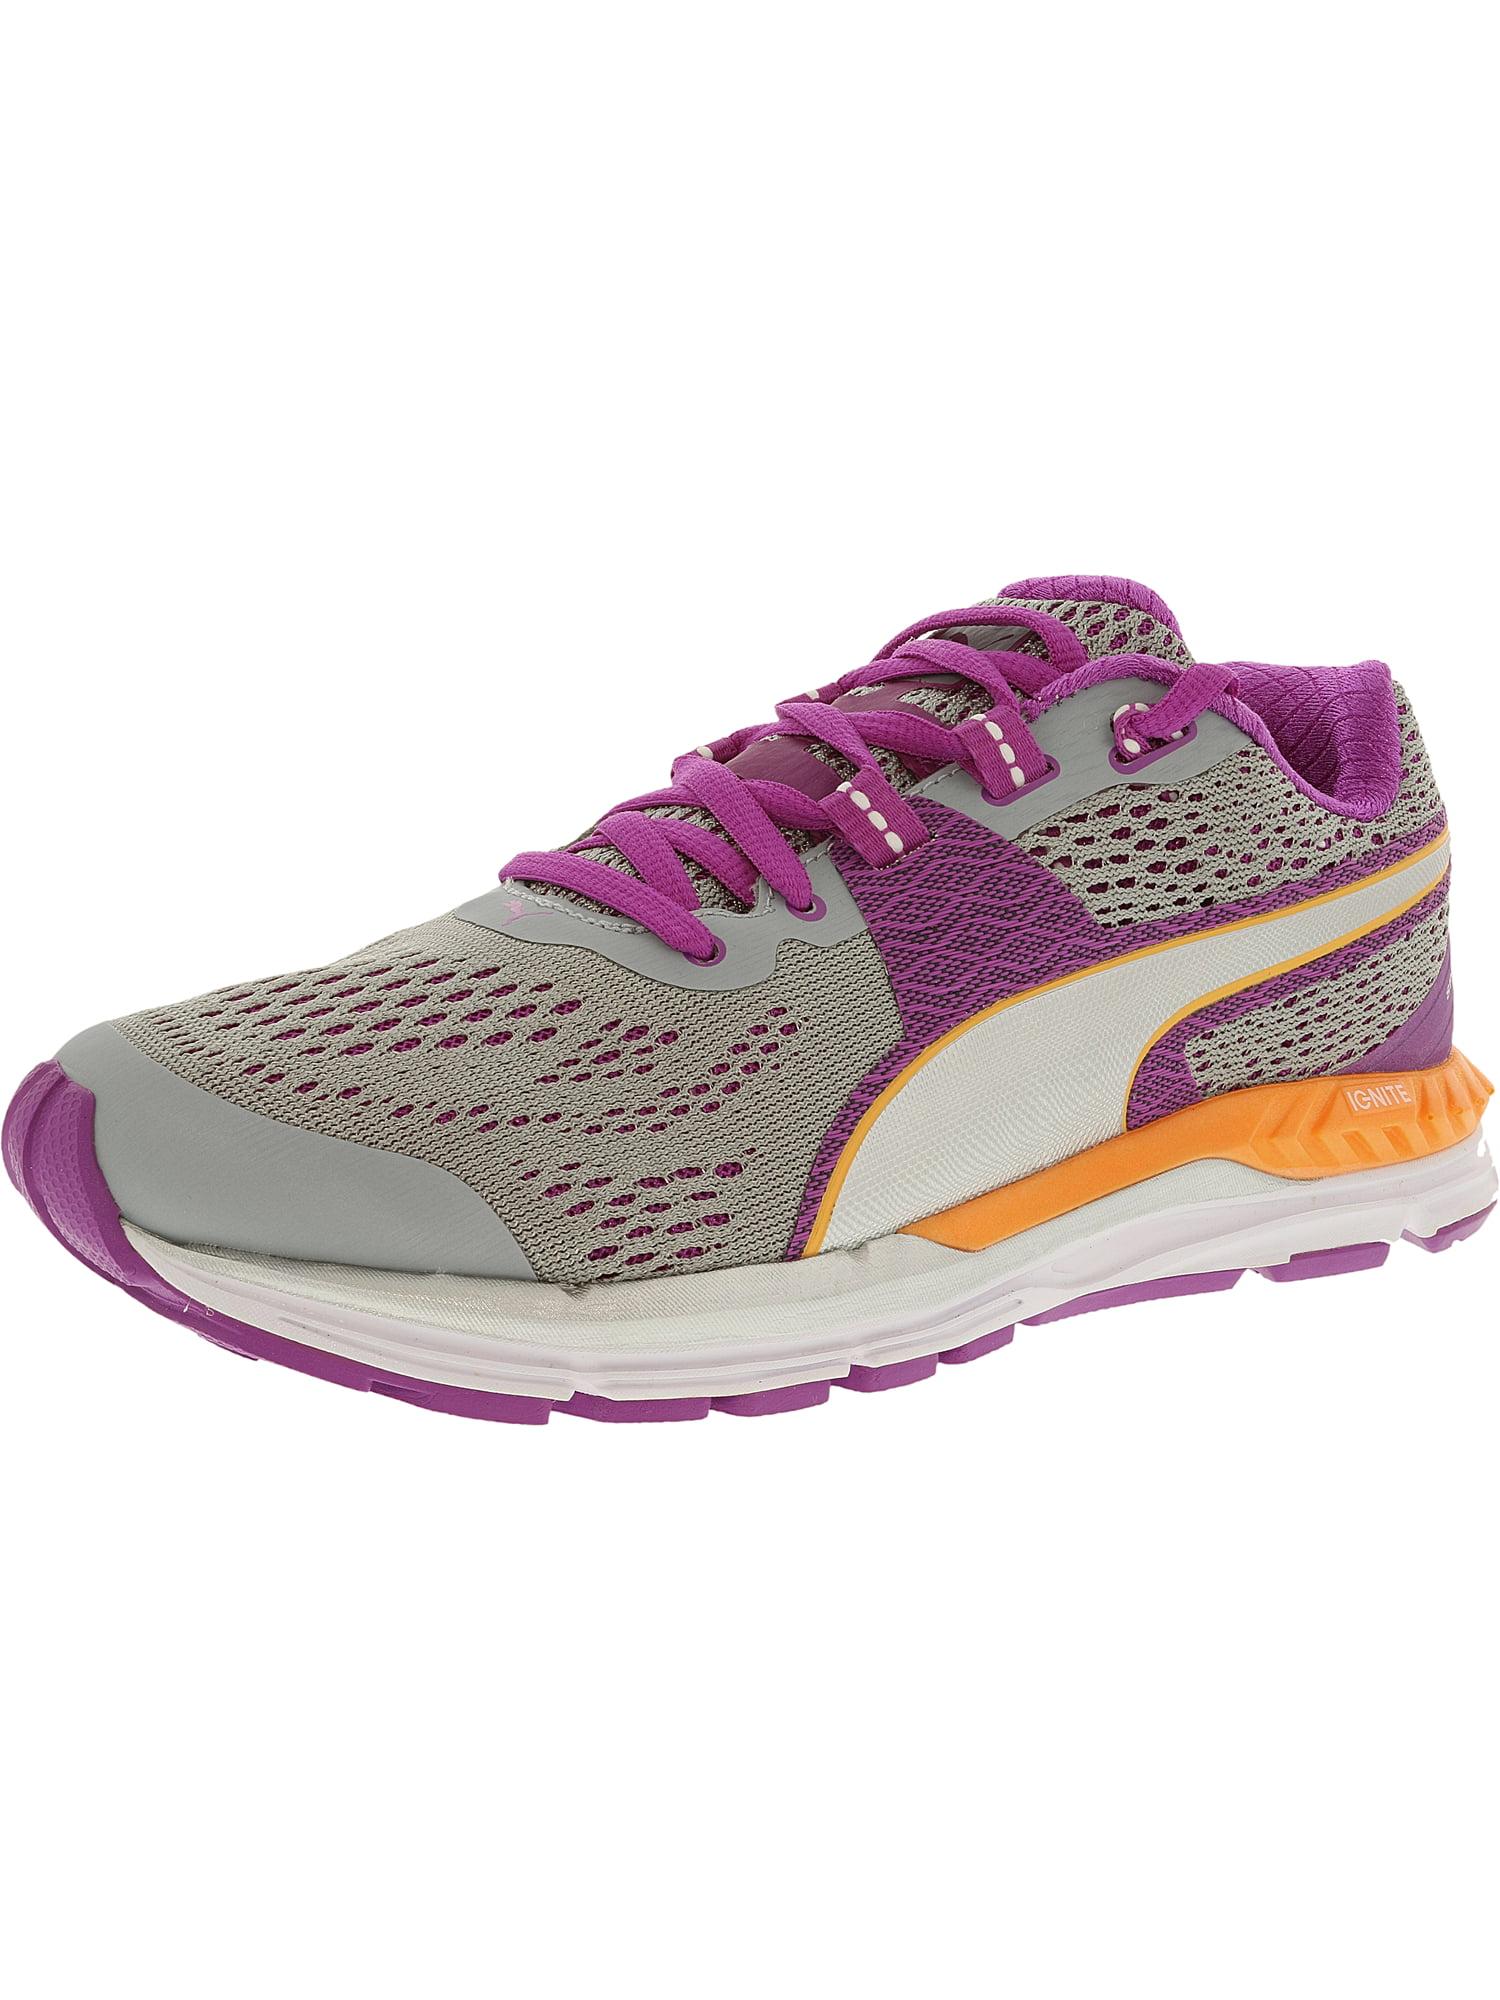 5m Running Glosharp 9 Puma Men's 600 High Pink Greenwhite Ankle Shoe Speed Ignite XZiPku